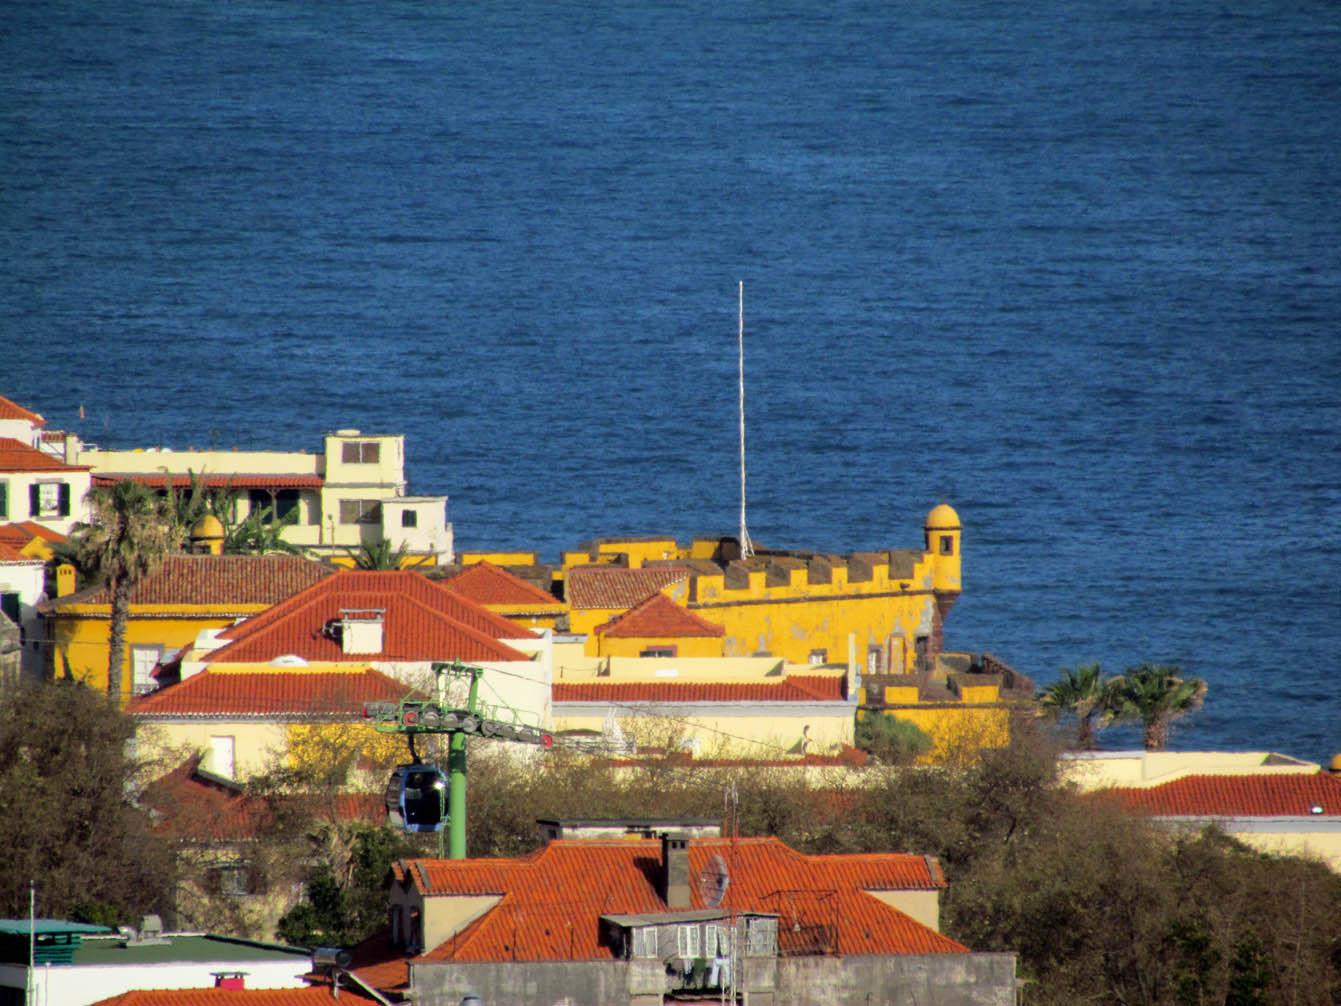 São Tiago Fort